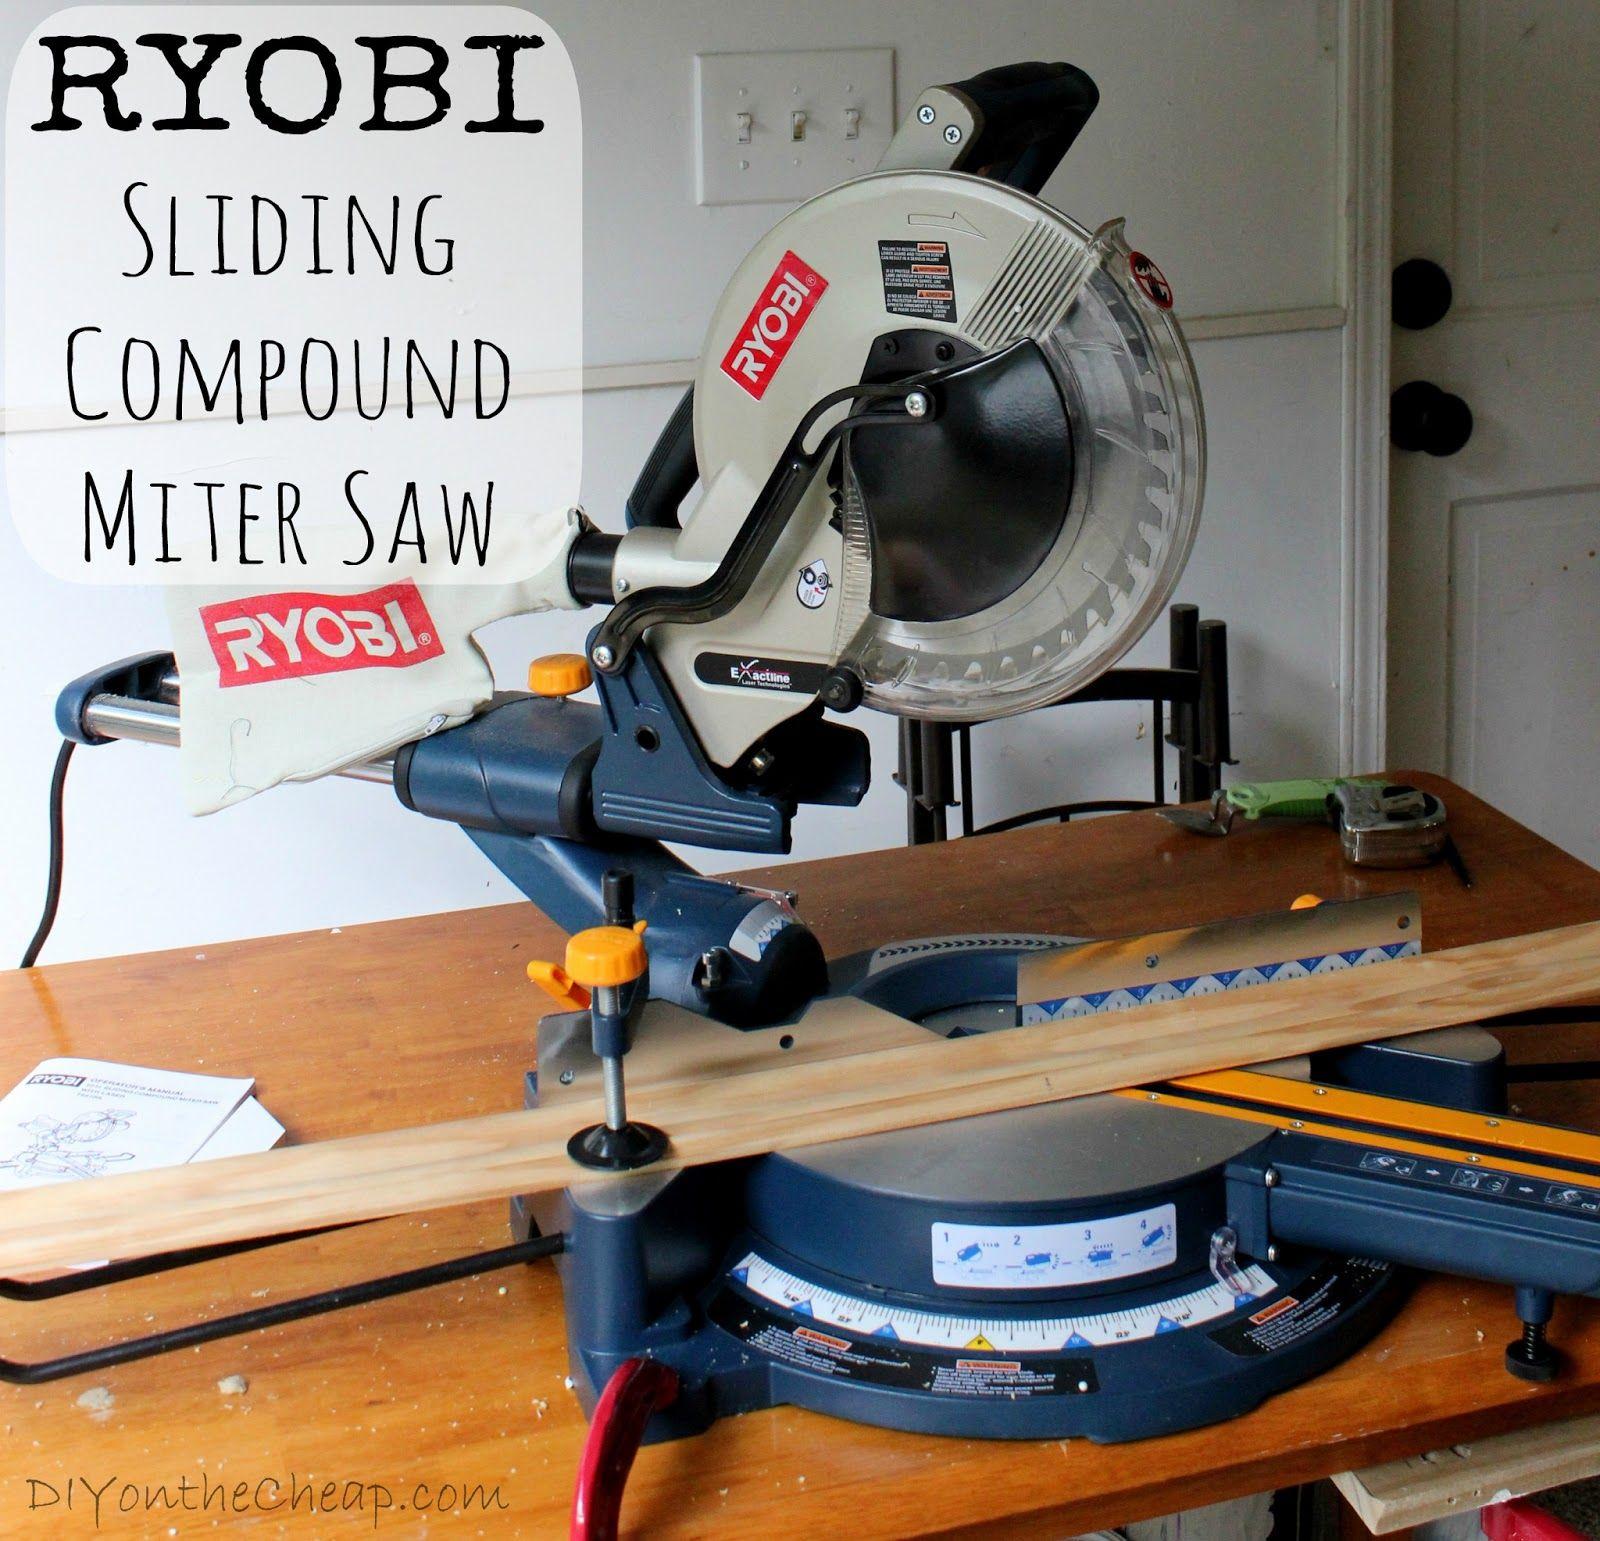 Ryobi Sliding Compound Miter Saw Review Via Diyonthecheap Com Sliding Compound Miter Saw Miter Saw Compound Mitre Saw